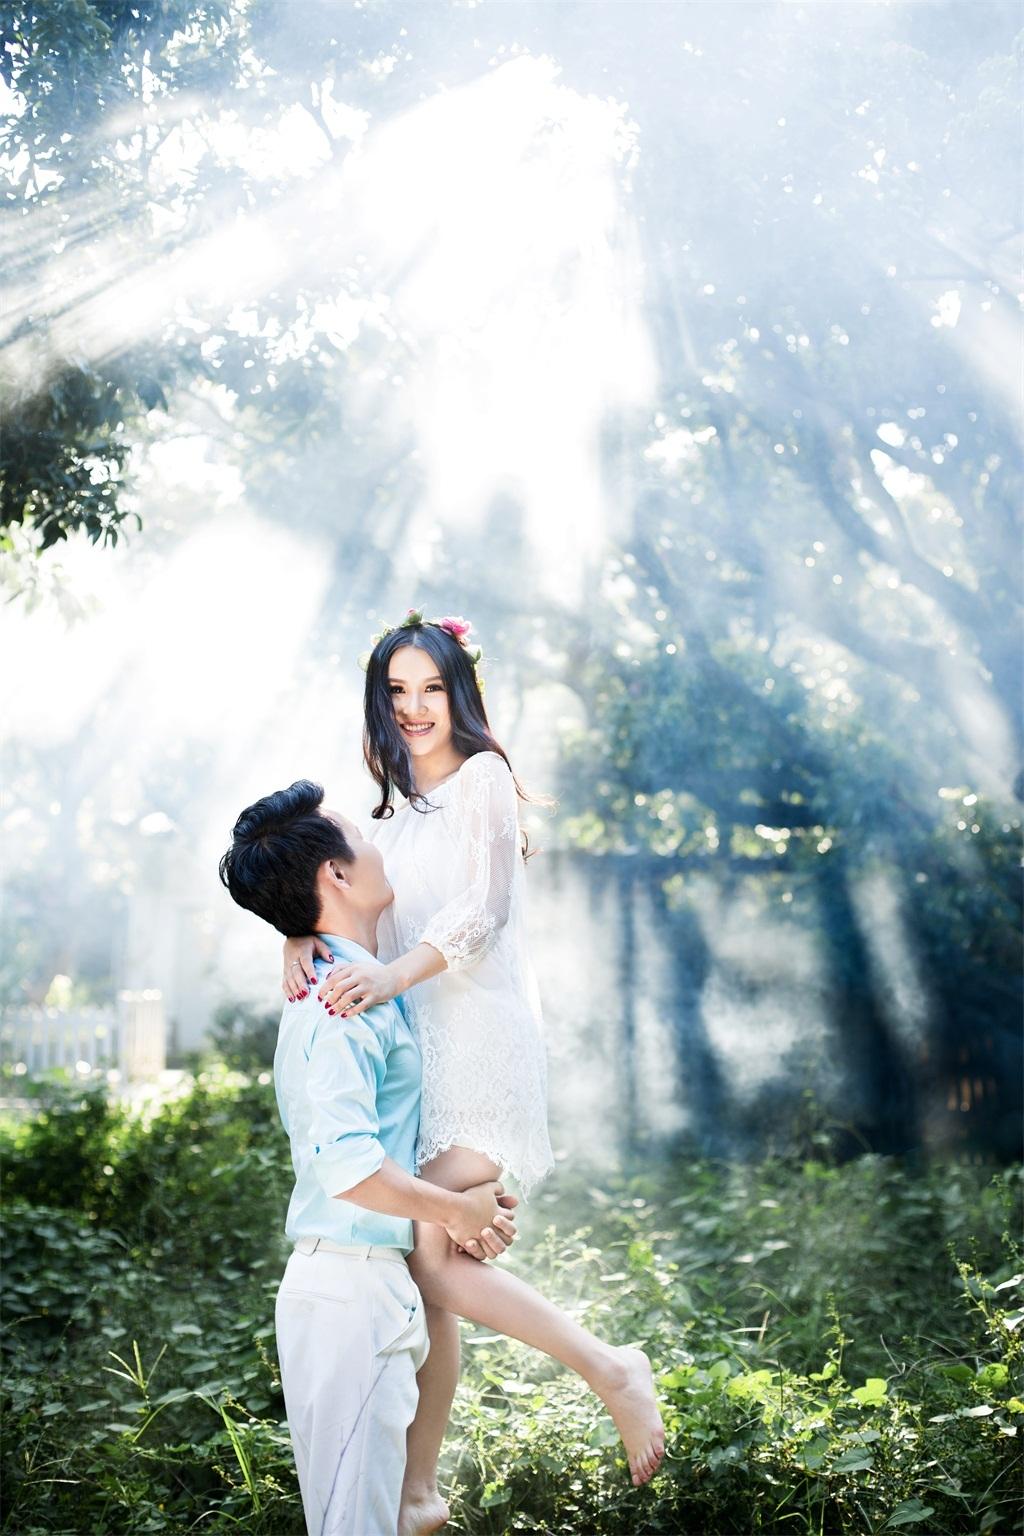 森林系小清新婚纱照图片